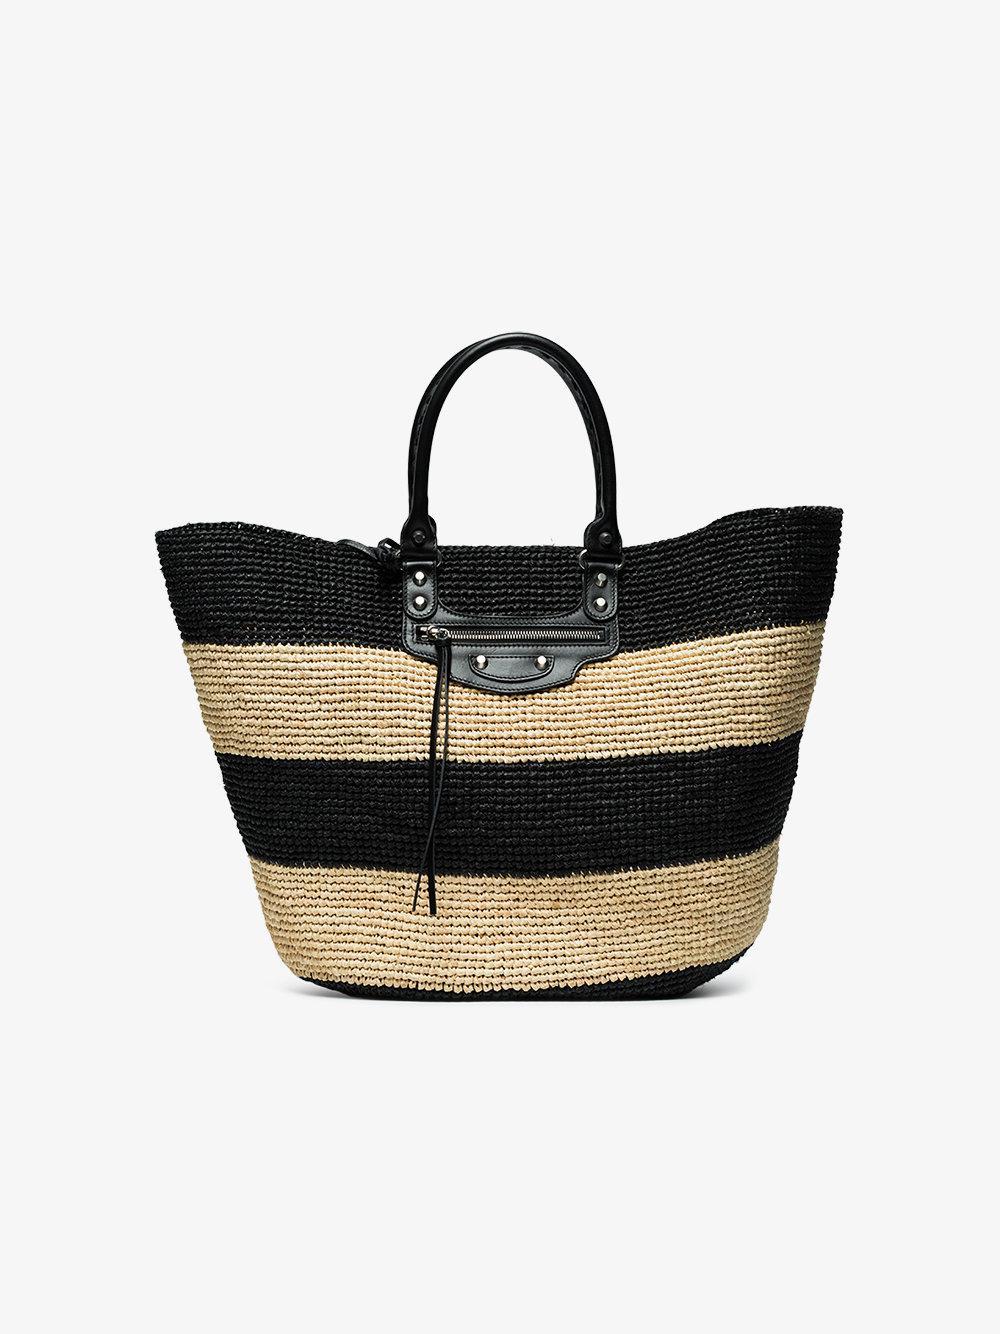 6937584e416 Balenciaga Panier Raffia Bag in Black - Lyst